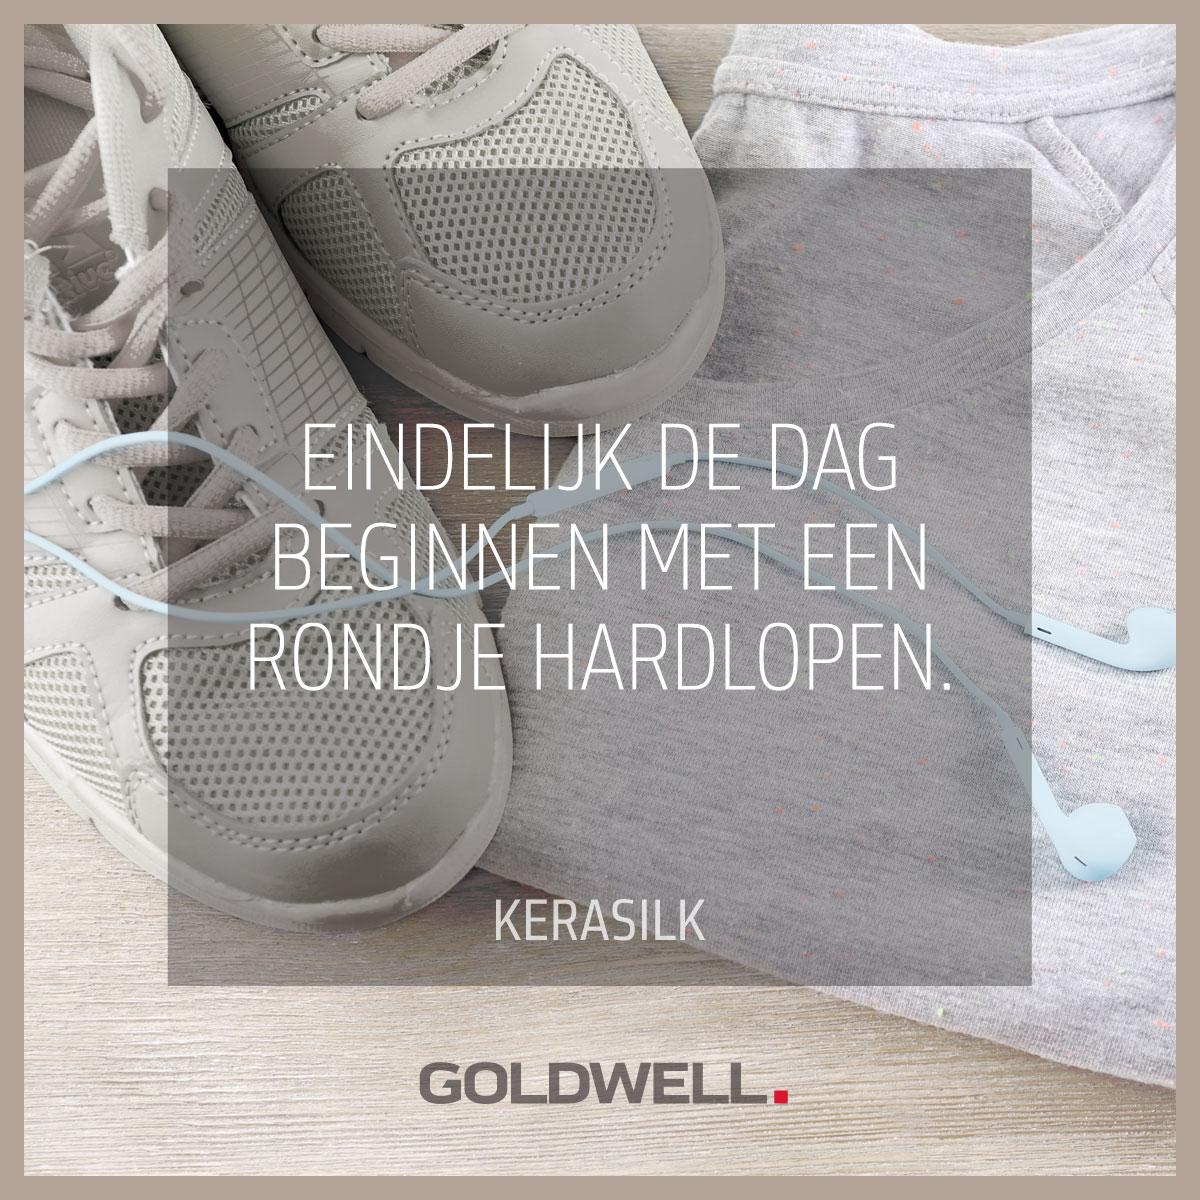 GW_Kerasilk_NewTimings_3